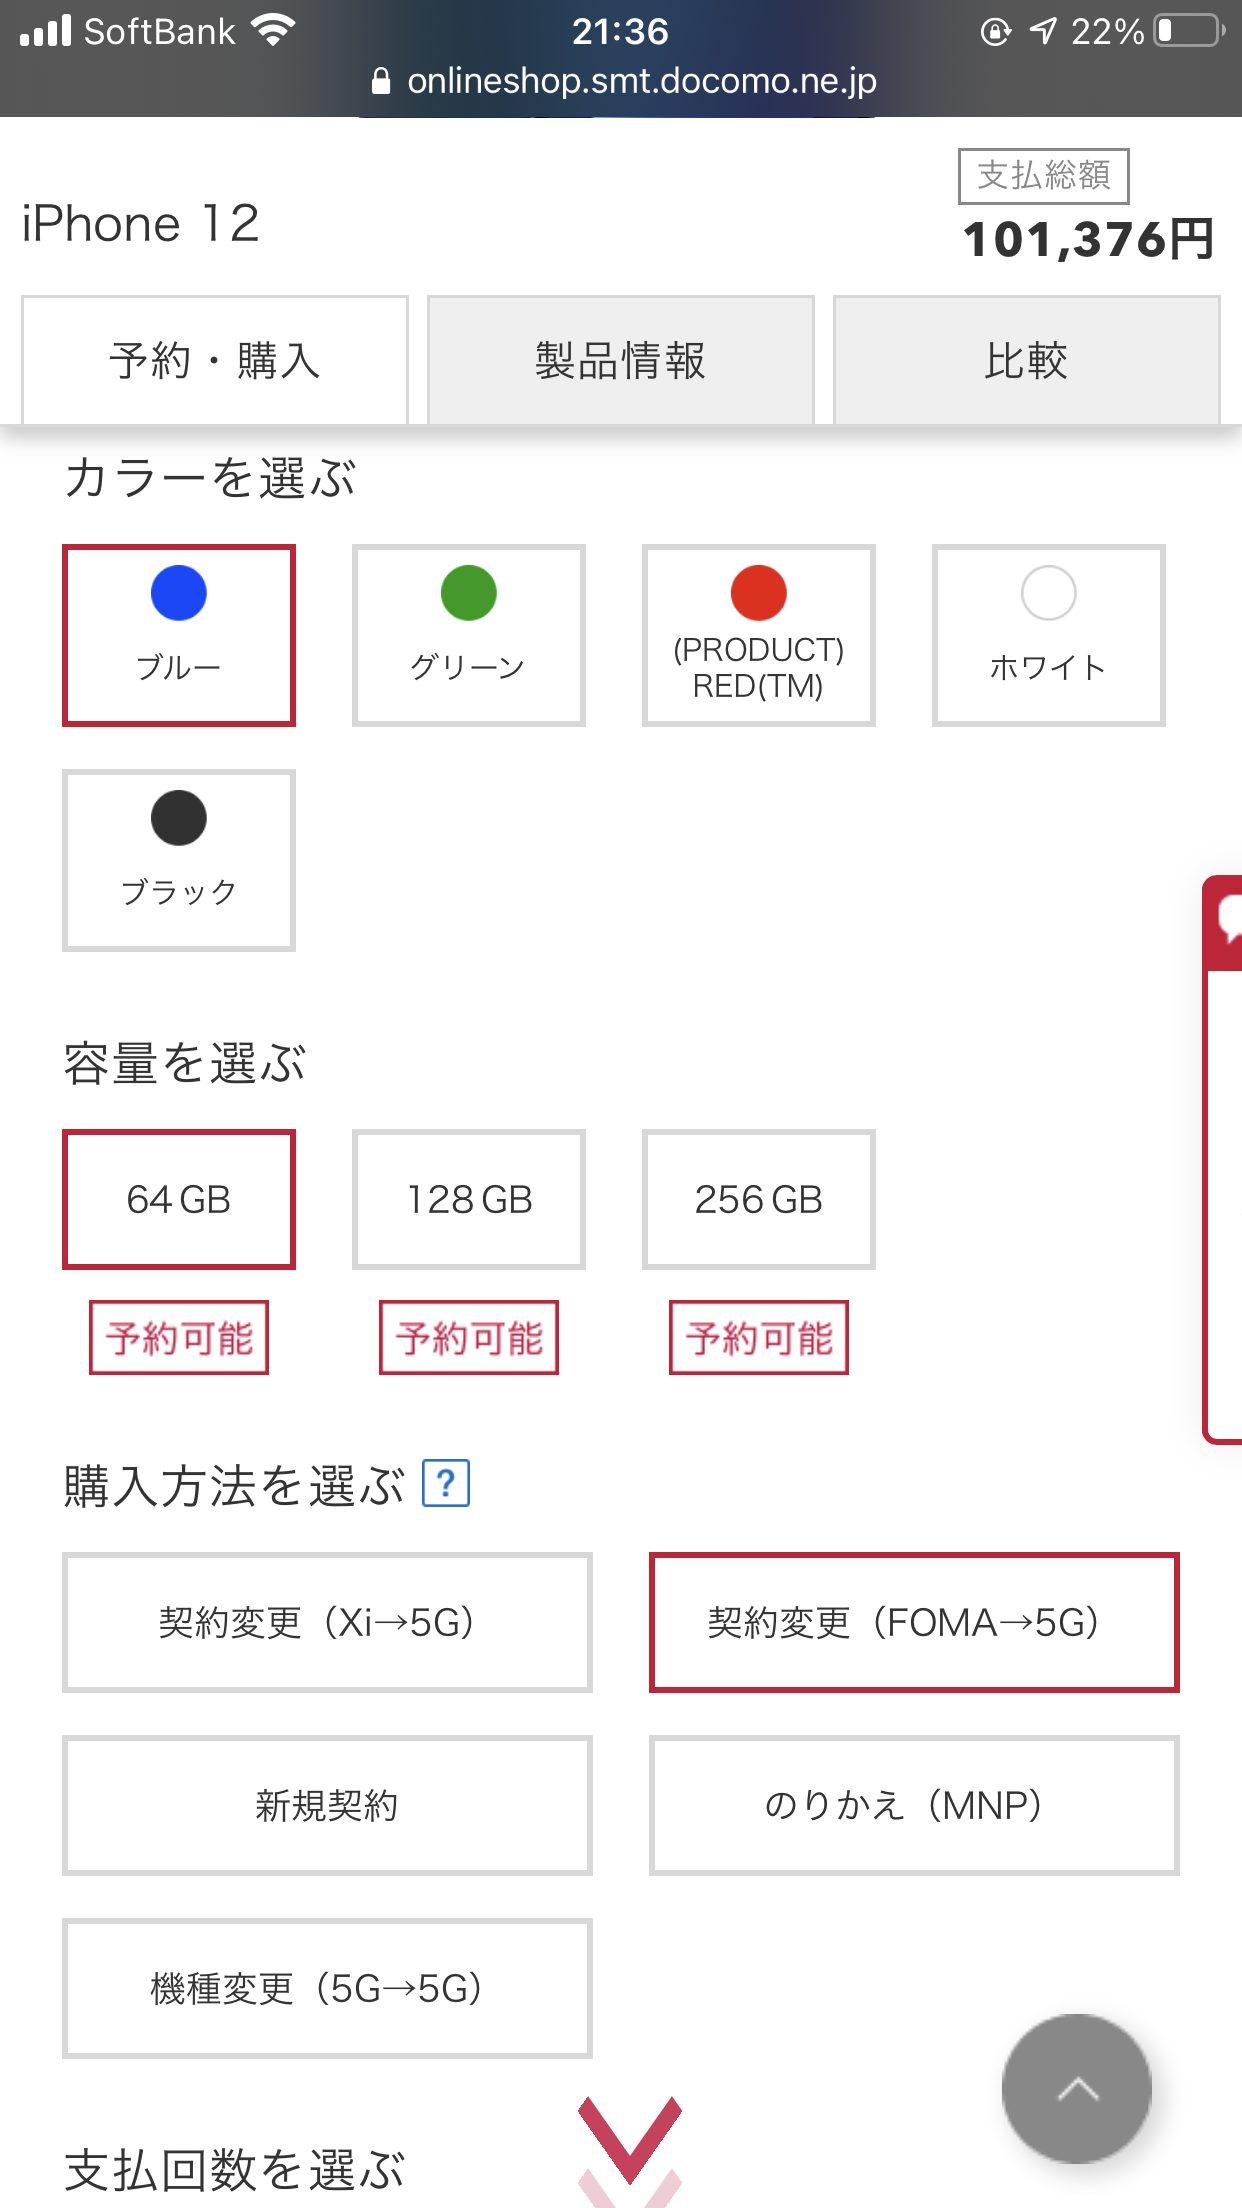 ドコモオンラインショップでiPhone 12購入4